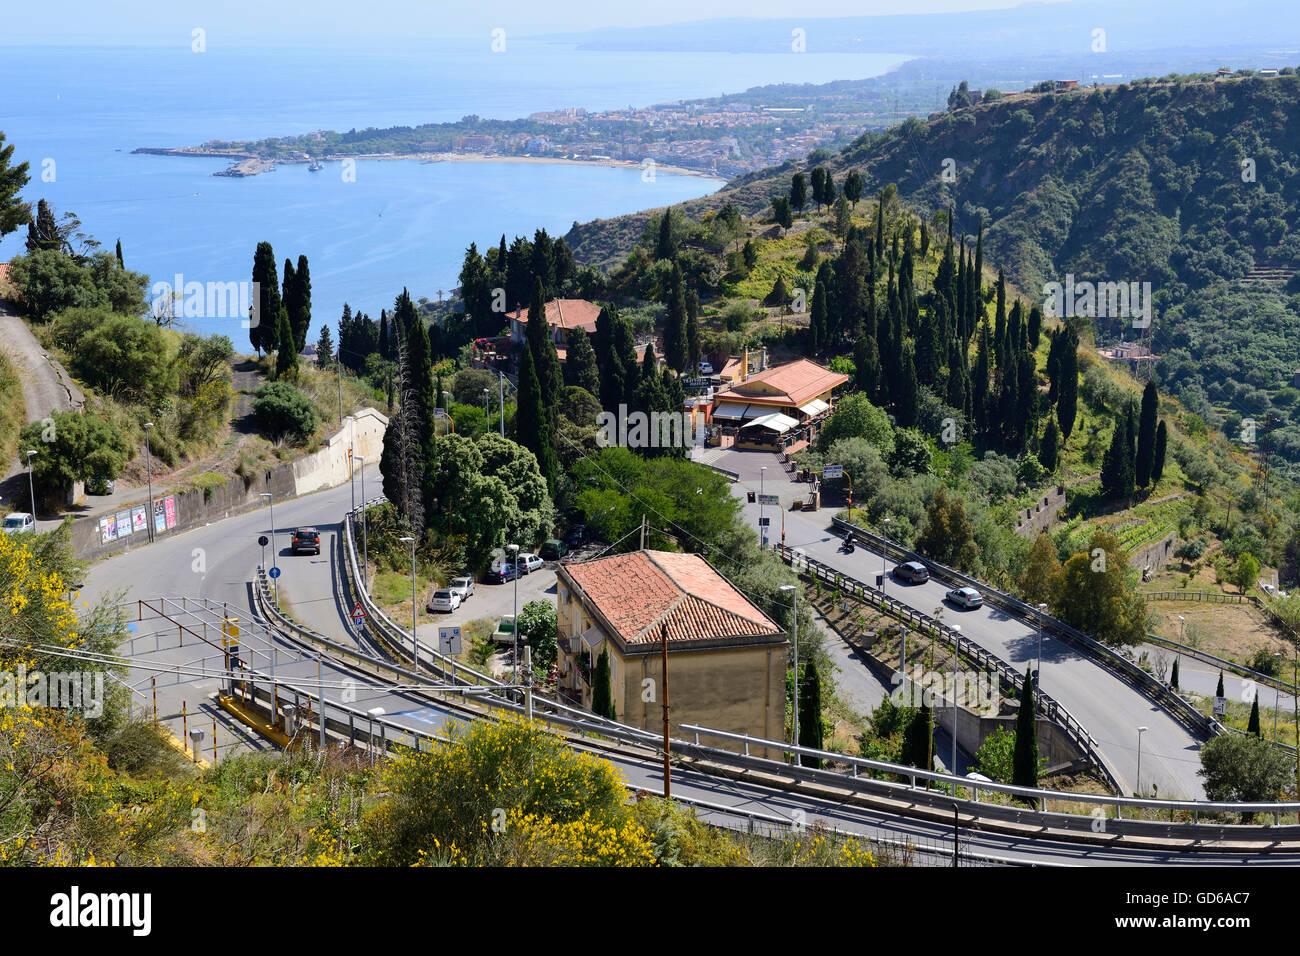 Vista della strada tortuosa che conduce a Taormina, Sicilia, Italia Immagini Stock